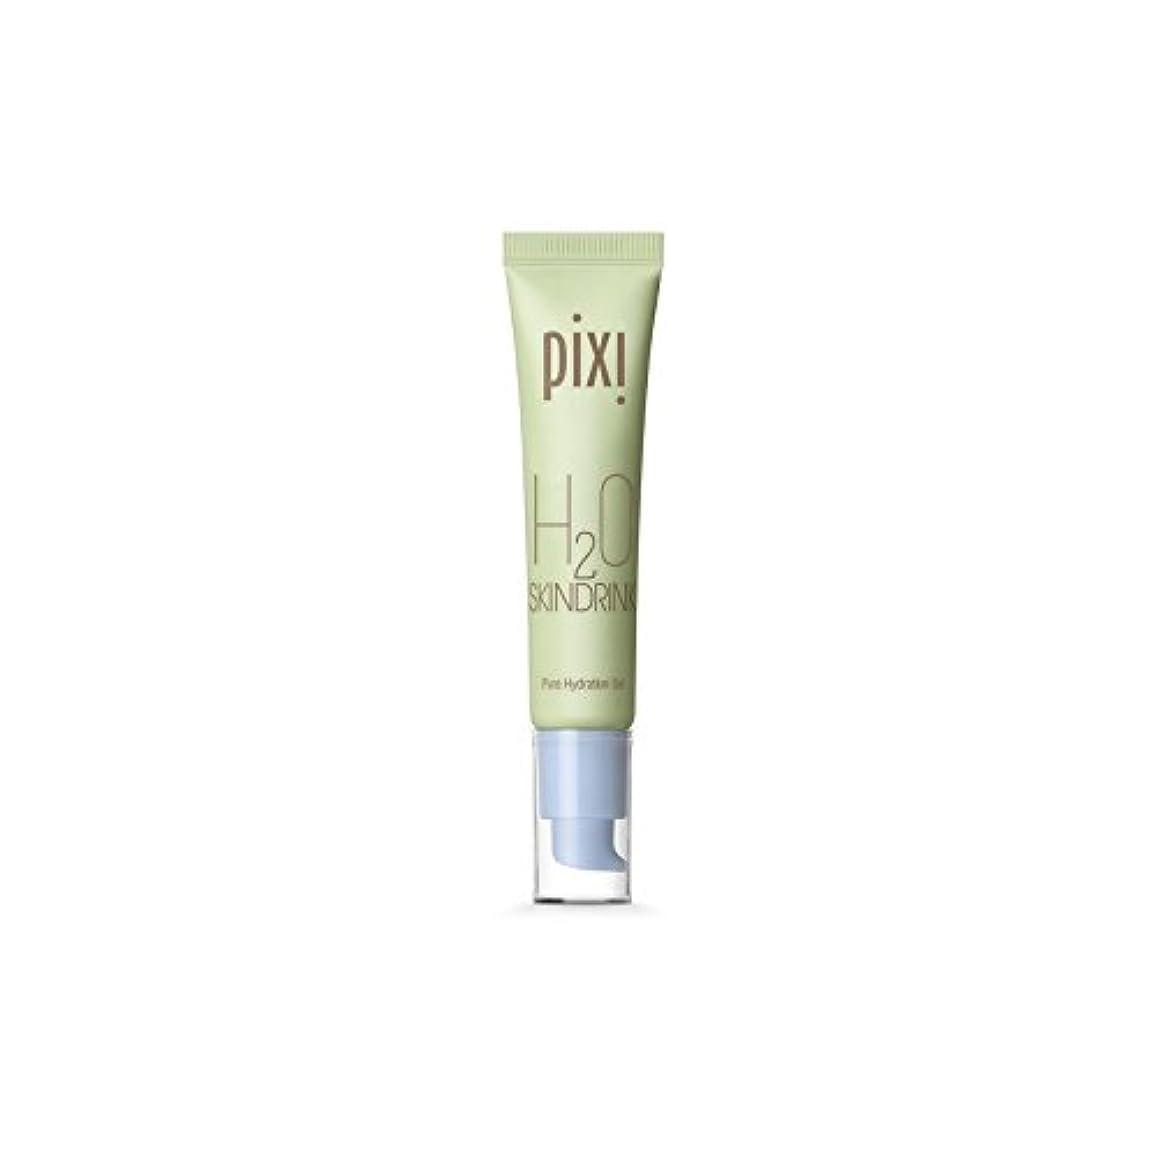 20スキンドリンク x2 - Pixi H20 Skin Drink (Pack of 2) [並行輸入品]